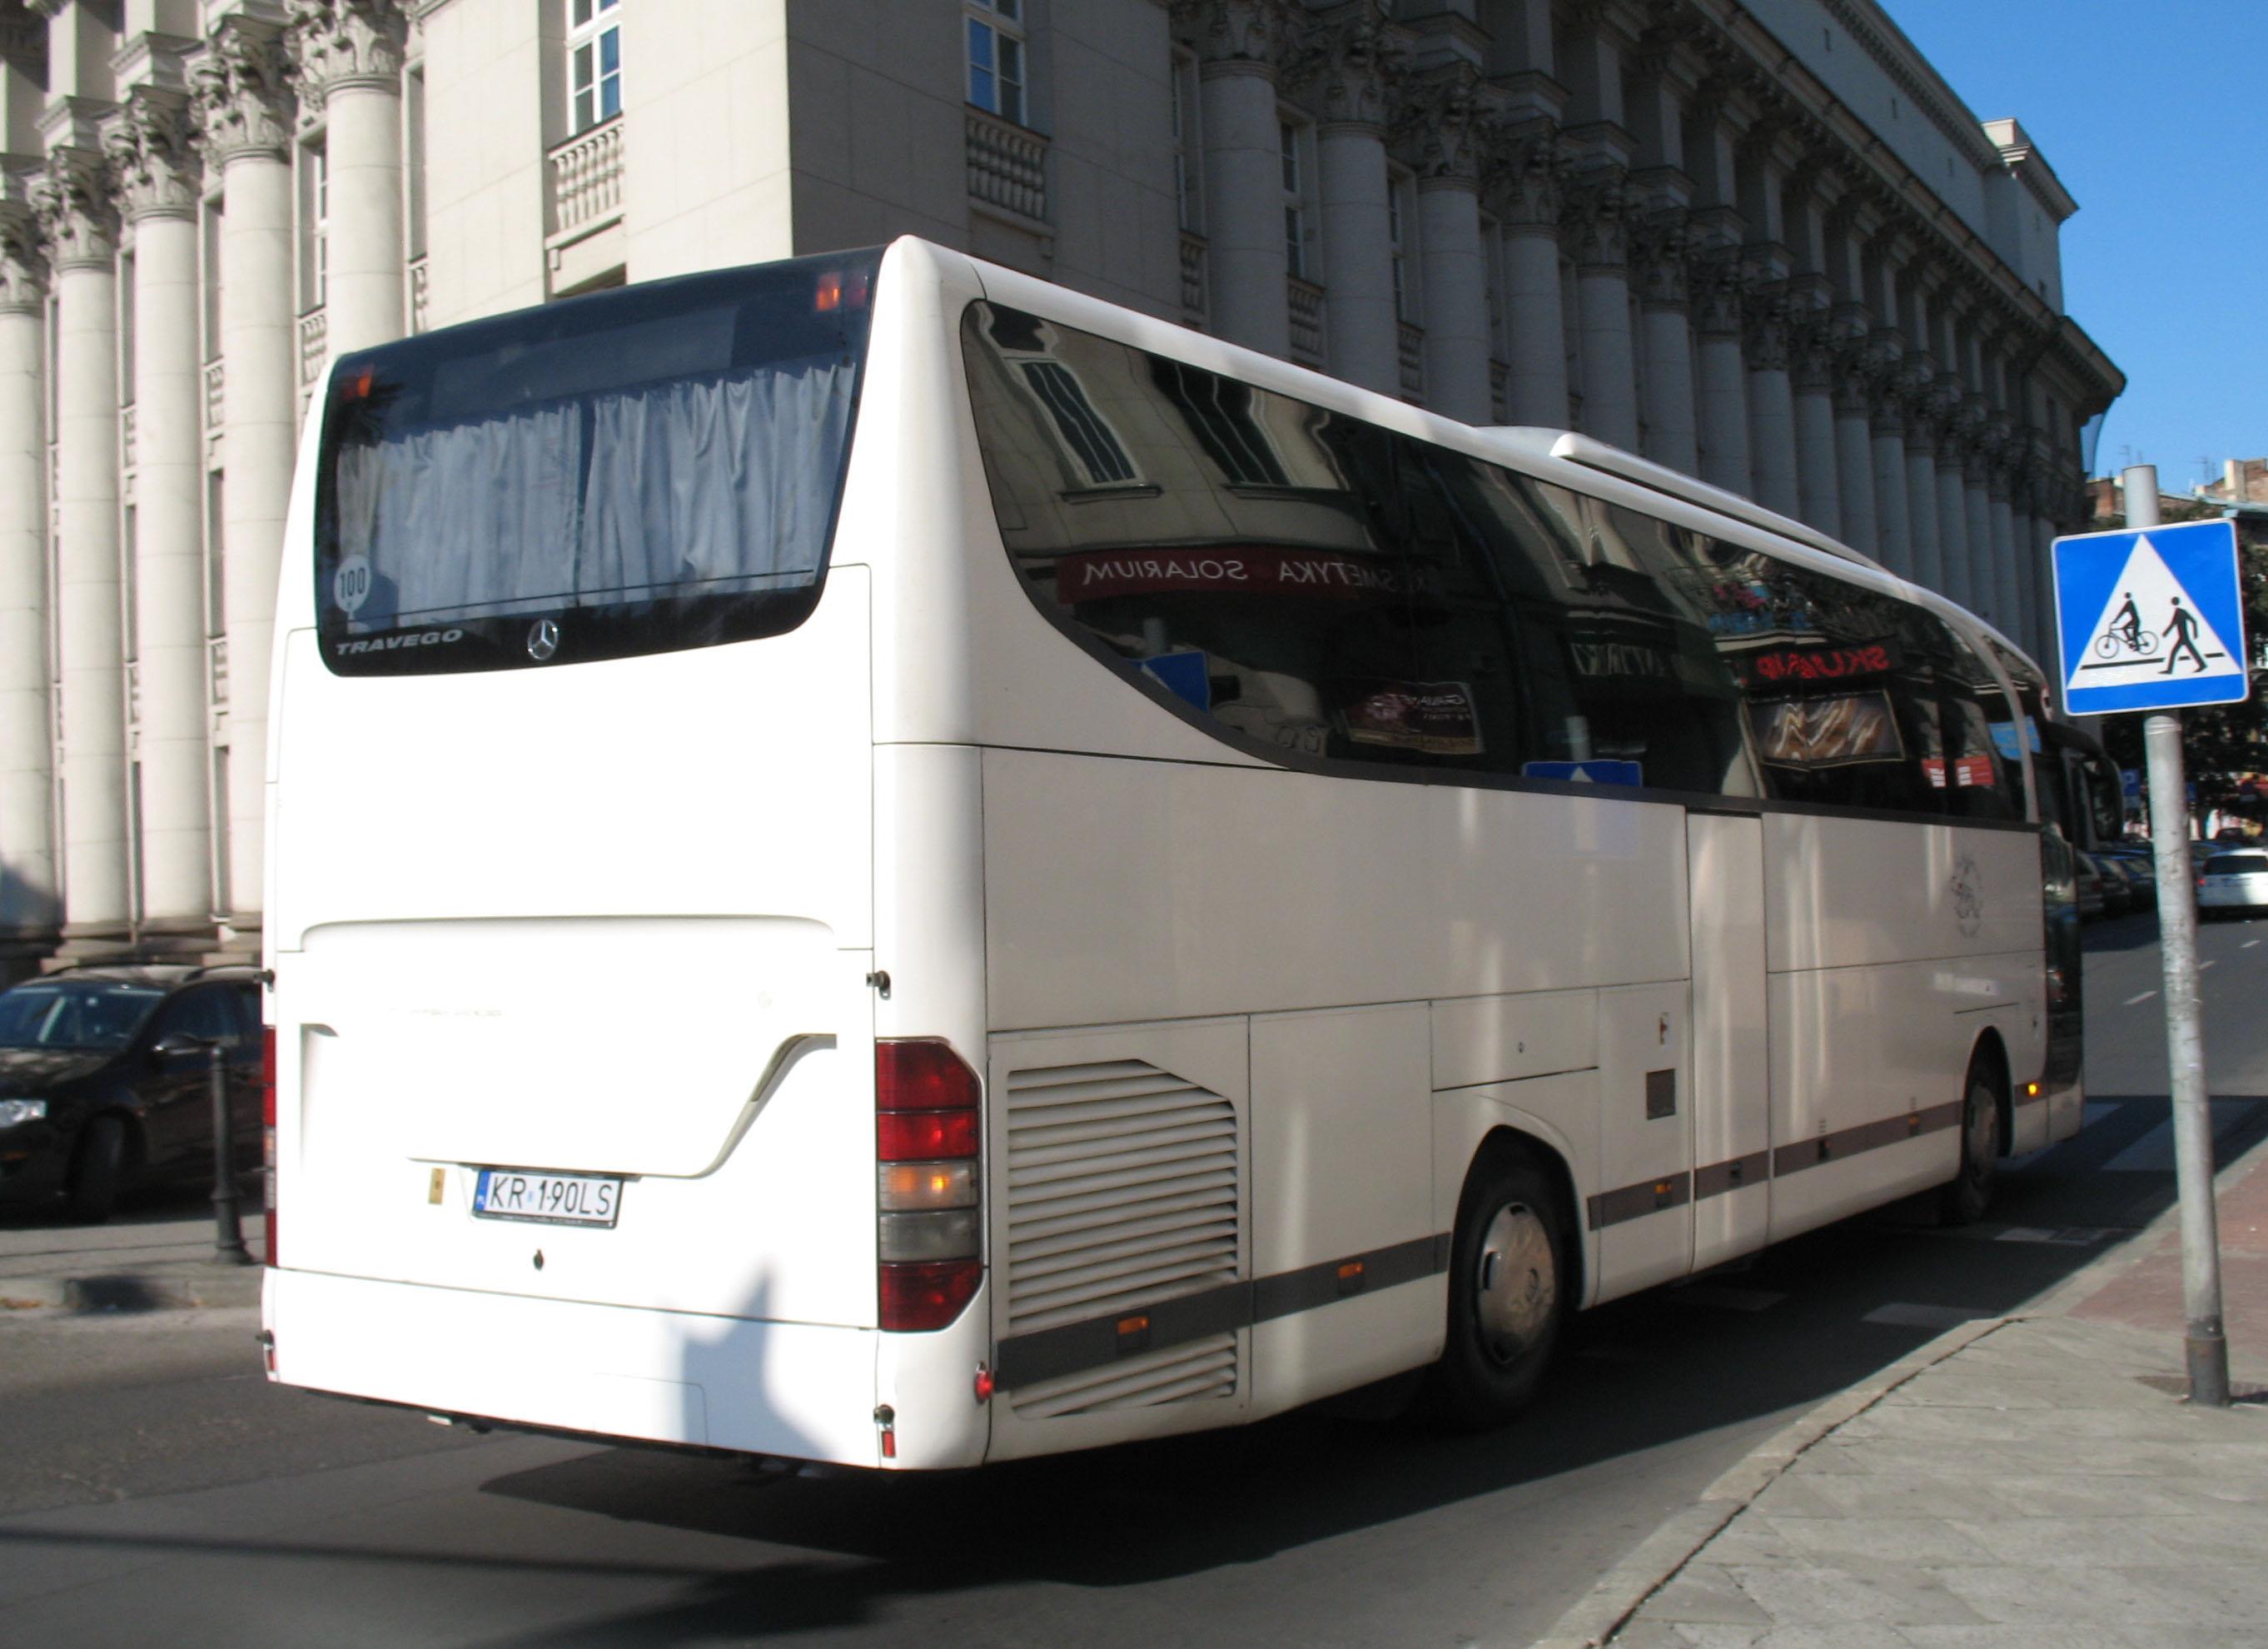 file:mercedes-benz travego - pks kraków (k00098) in kraków (2)